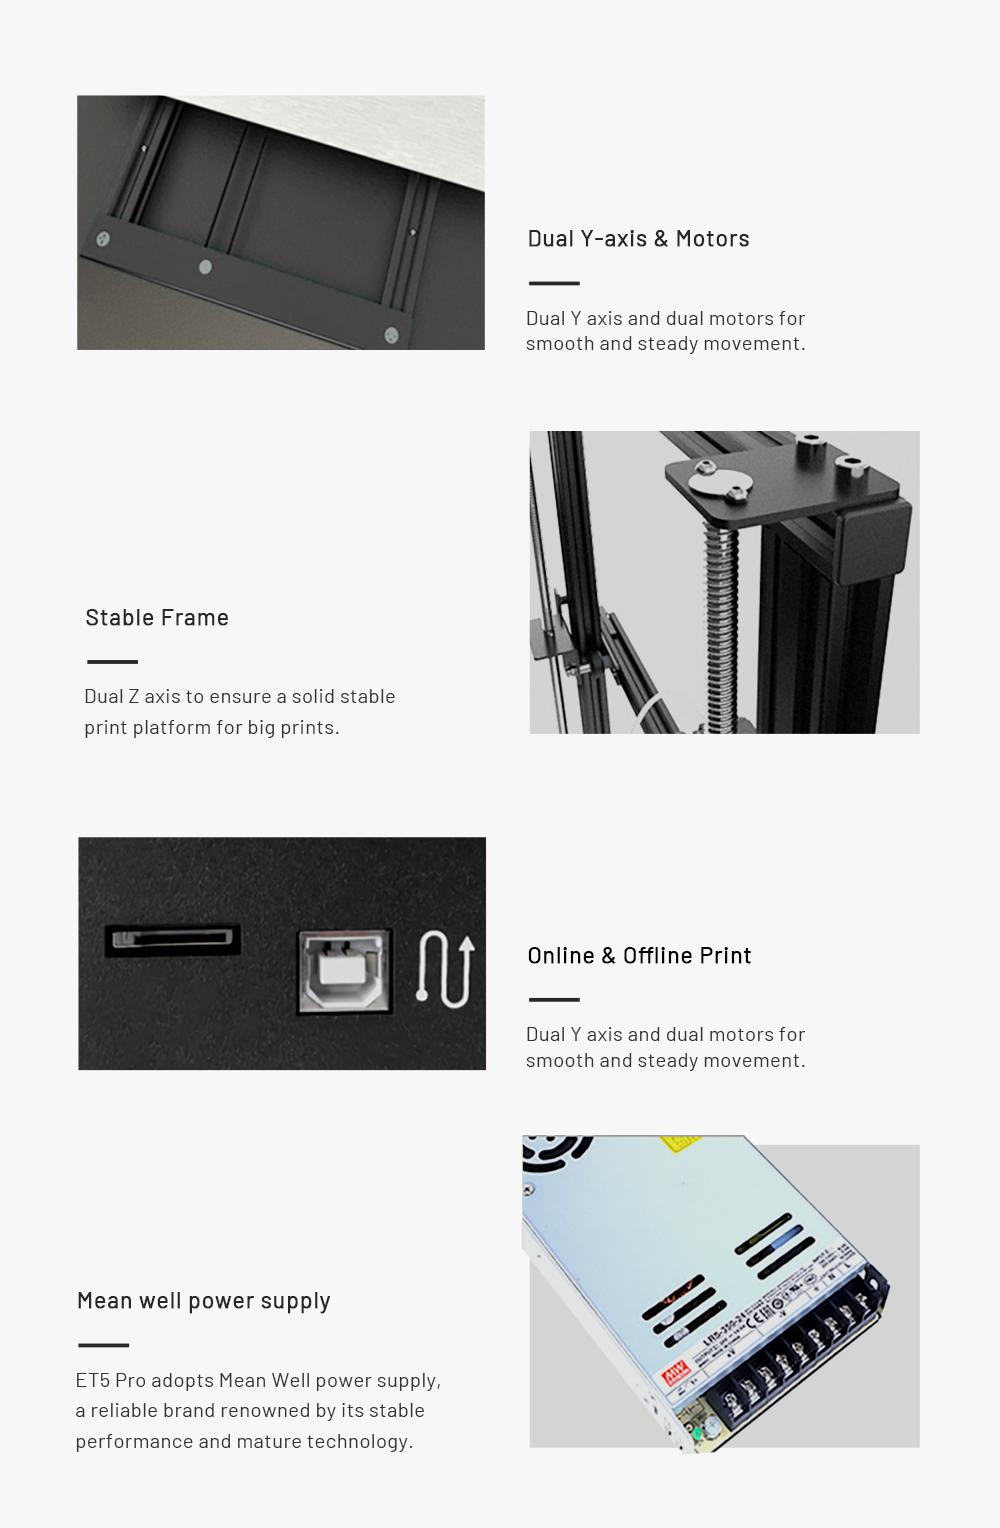 Anet ET5 Pro 3D-Drucker Bausatz - 300x300x400mm - Duale Y-Achsen und Motoren - Stabiler Rahmen - Online und Offline Druck - MeanWell Netzteil